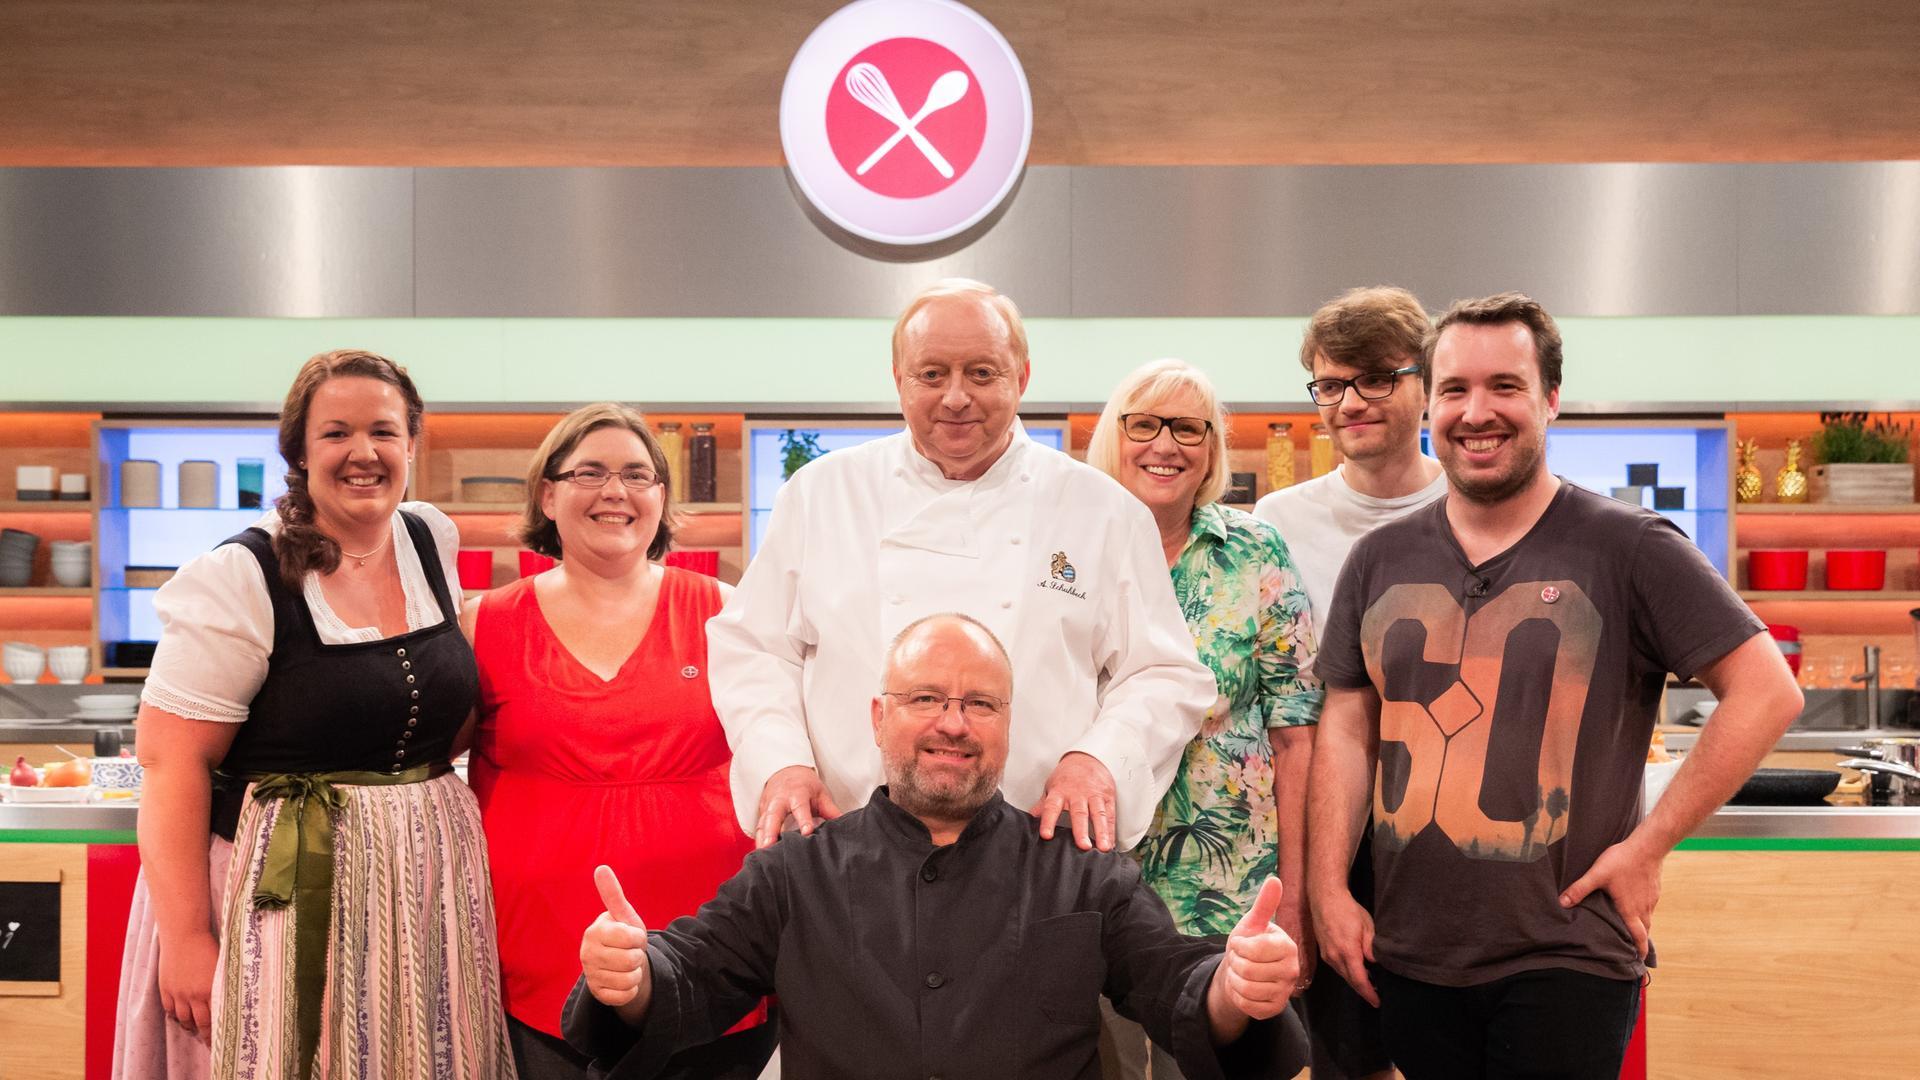 Die Kuchenschlacht Vom 21 August 2018 Zdfmediathek